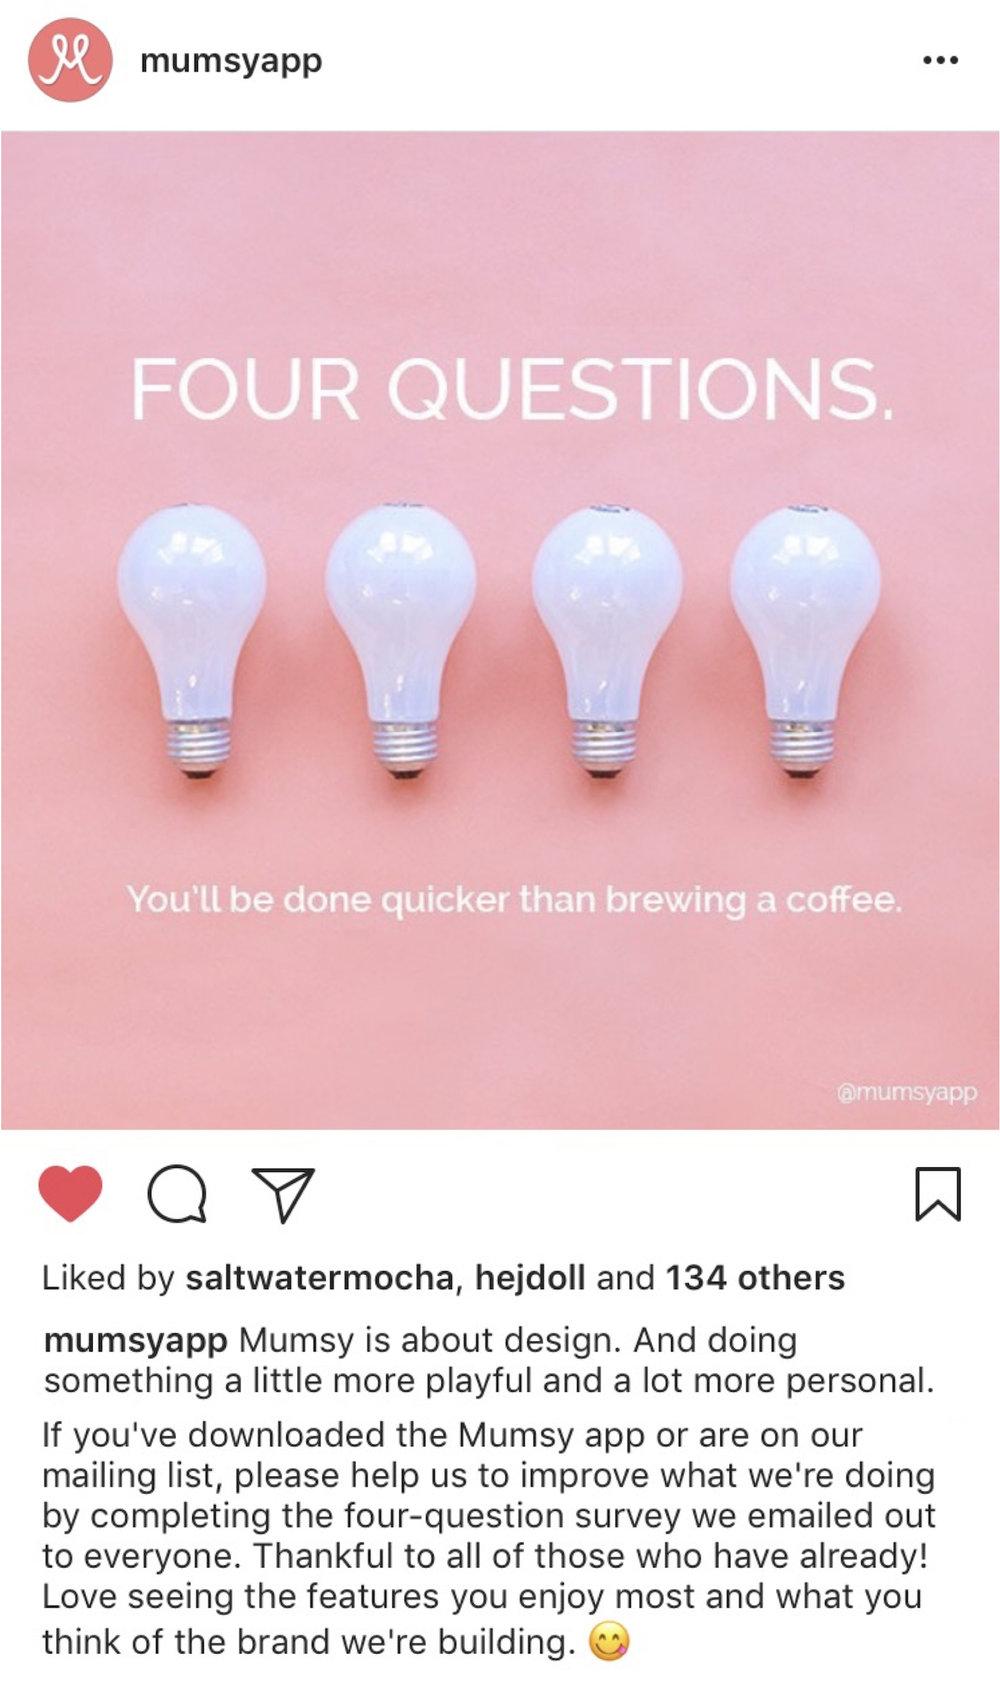 stef-etow-instagram-marketing-1.jpeg